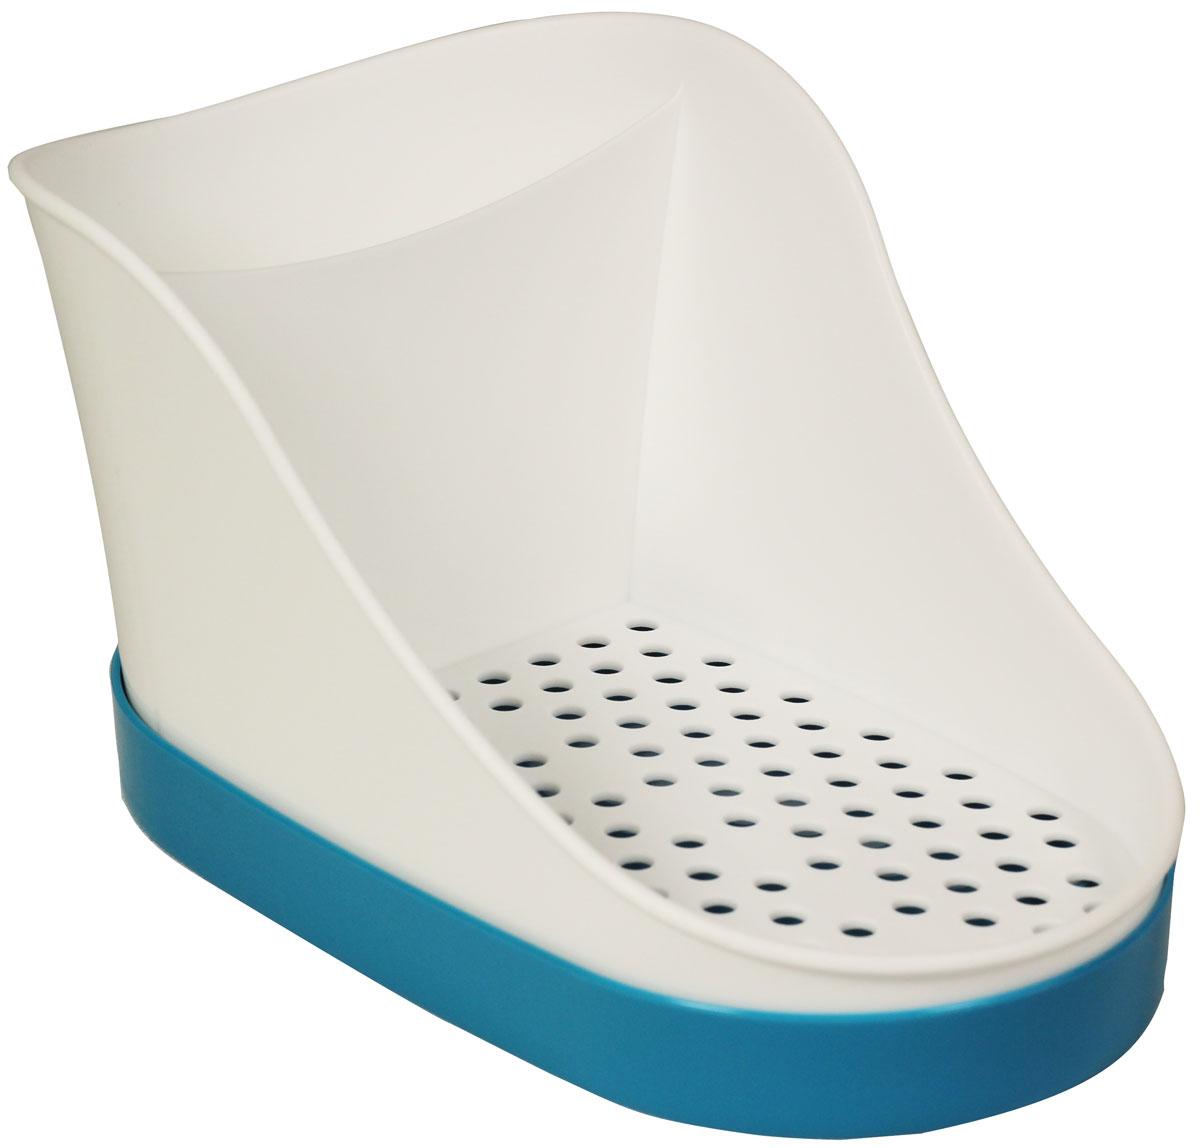 Подставка для моющих средств Idea, цвет: бирюзовый, 10,5 х 12,5 х 18,5 смМ 1148_бирюзовыйПластиковая подставка для моющих средств Idea состоит из двух отделений: большого для моющих средств, губки или мыла и отделения для щеток. Поддон для сбора воды легко снимается и моется. Современные плавные формы, стильный дизайн. Размер: 10,5 х 12,5 х 18,5 см.